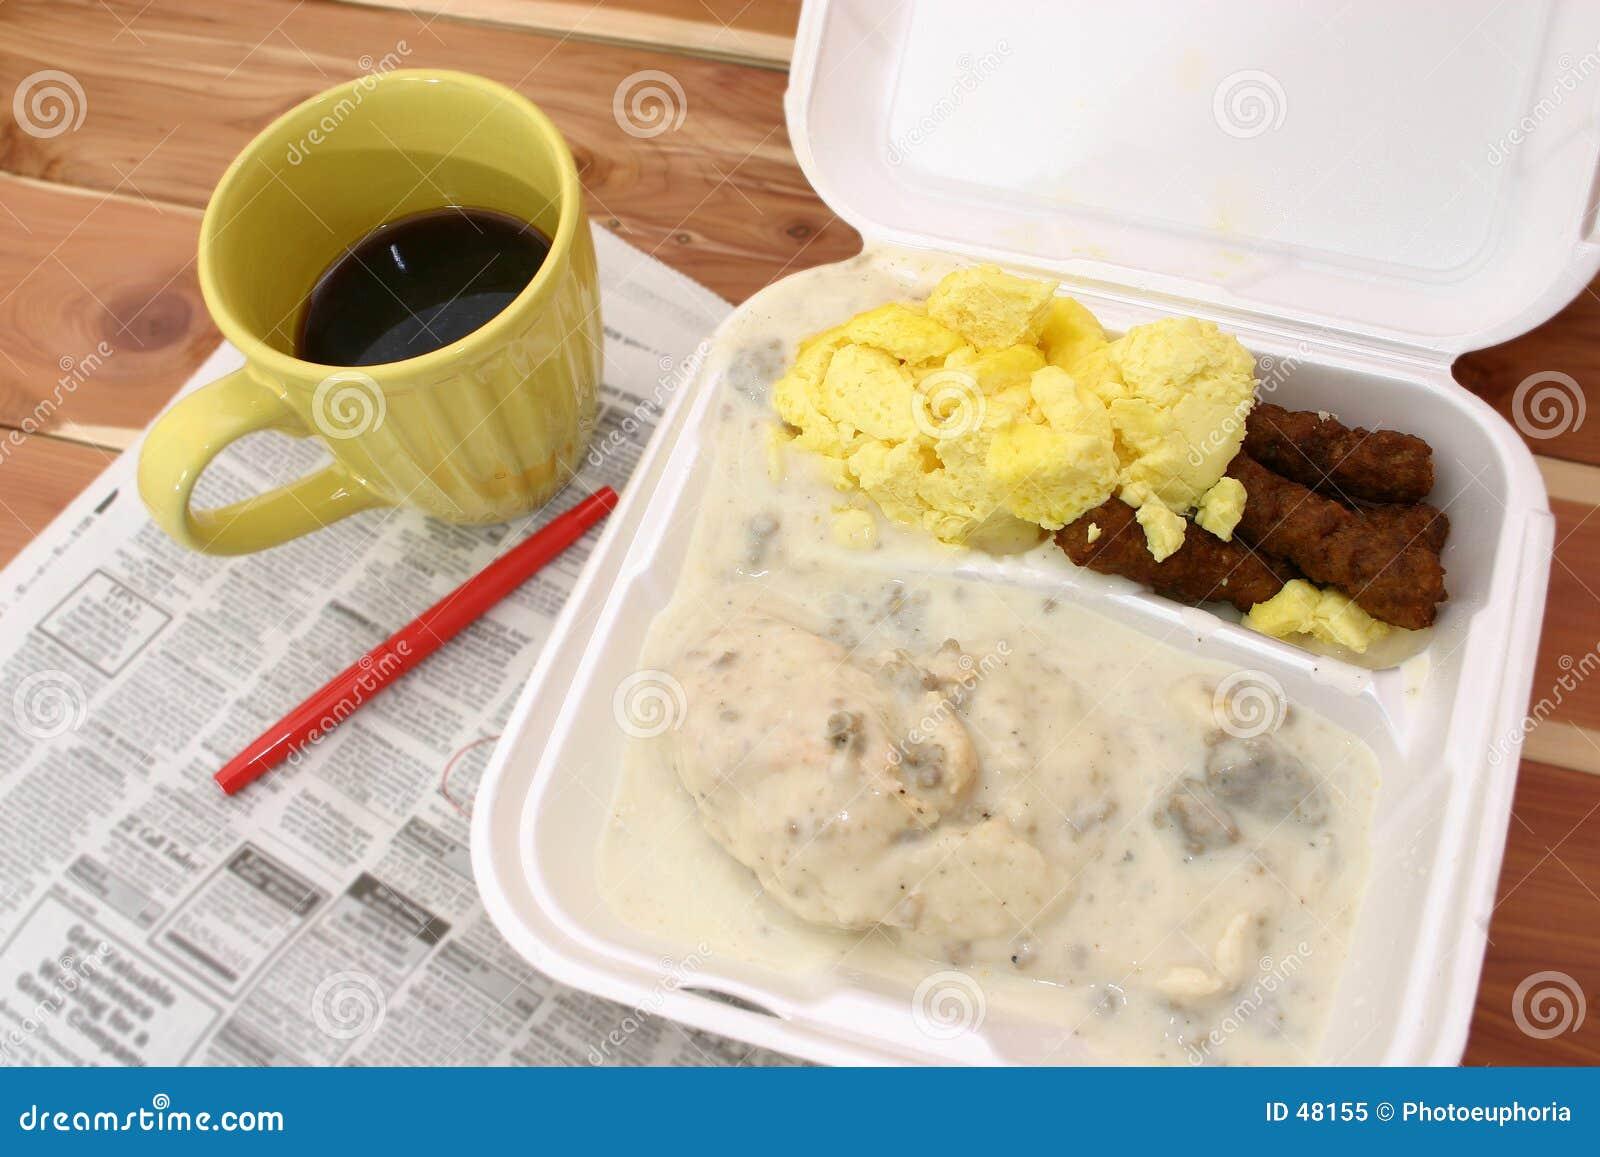 Frühstück Takeout